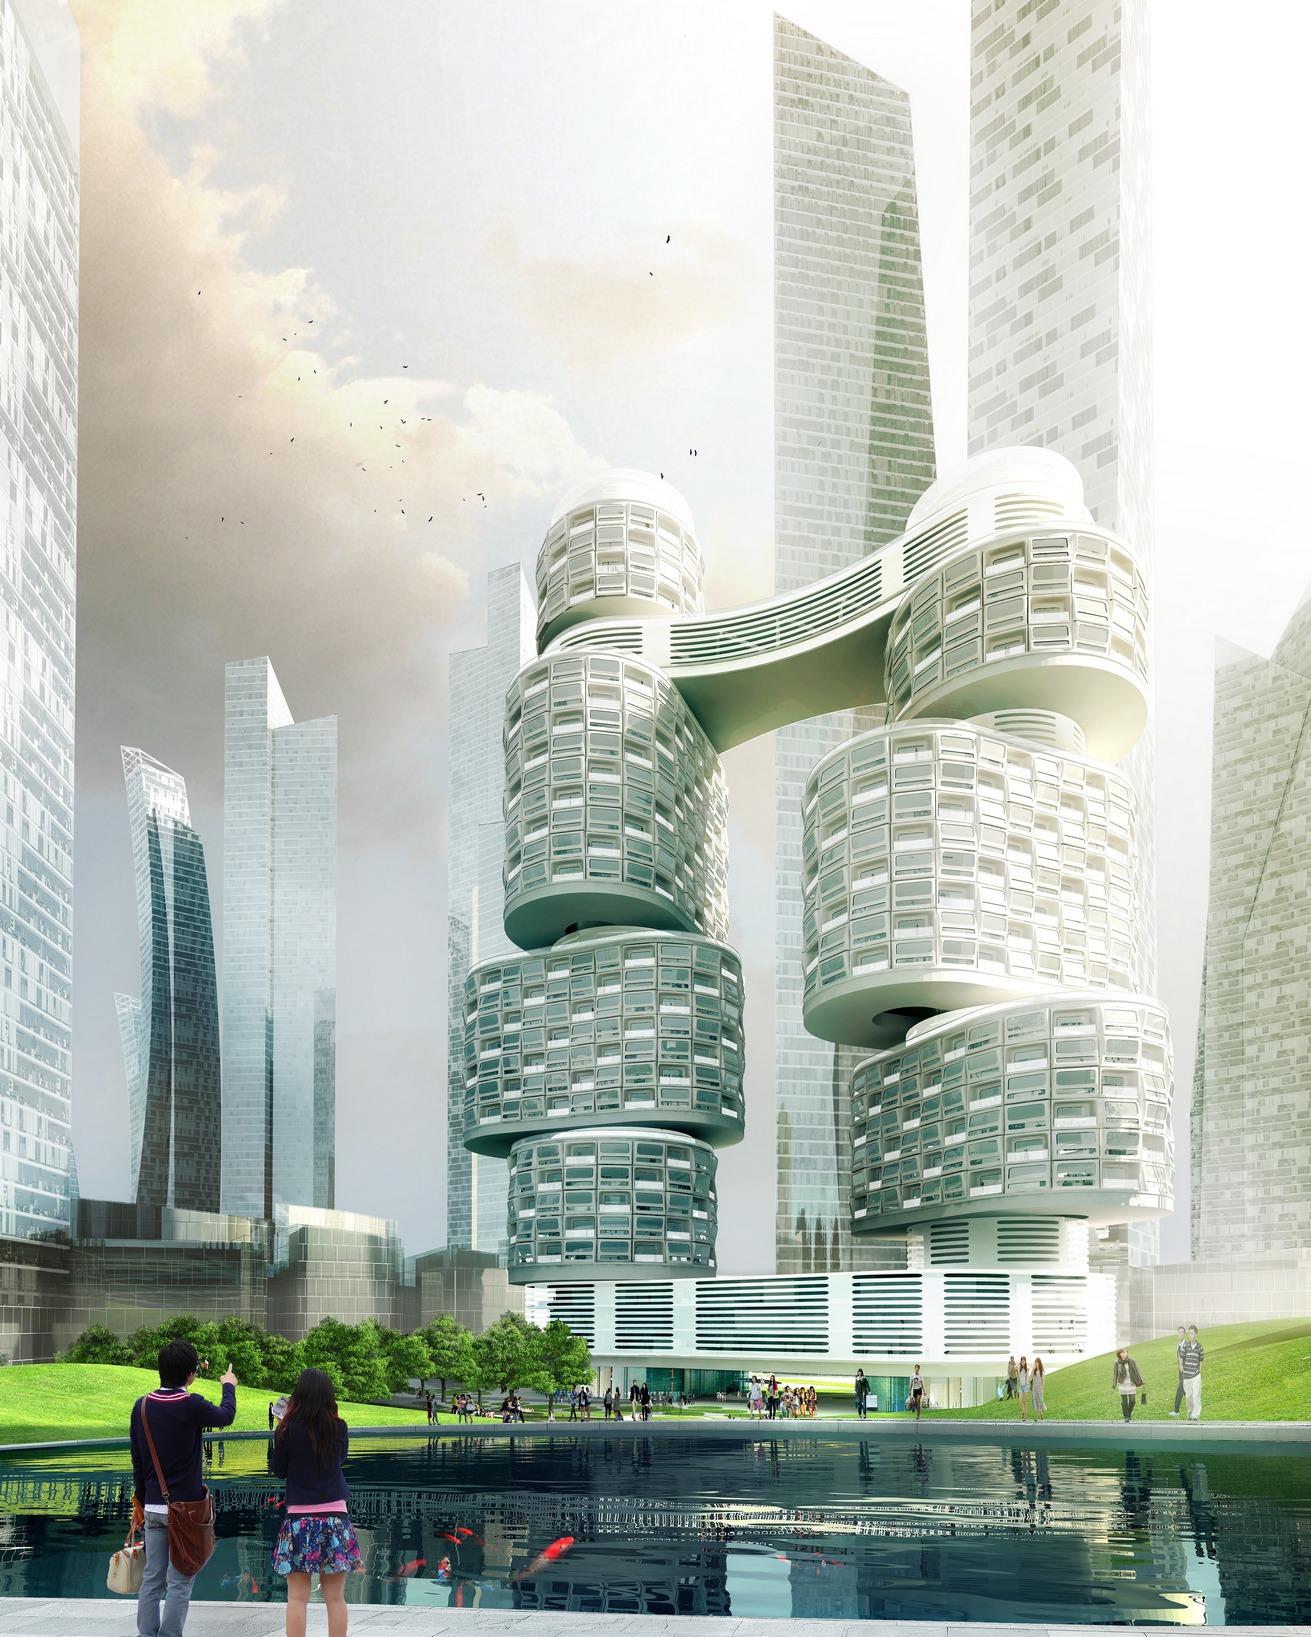 美好境界五 科幻建筑见证未来世界